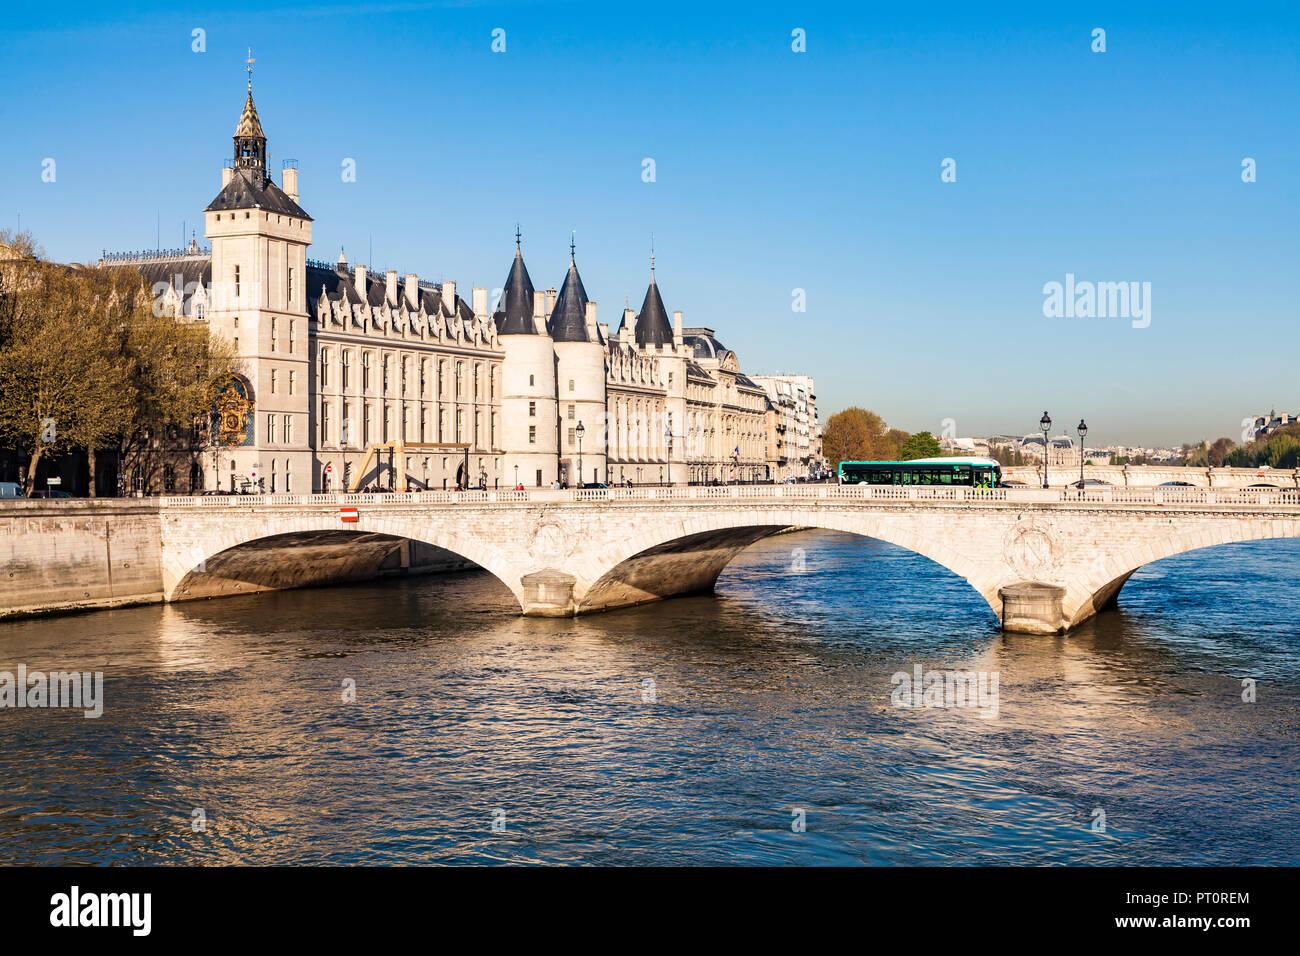 France, Paris, Palais de Justice and Pont au Change - Stock Image